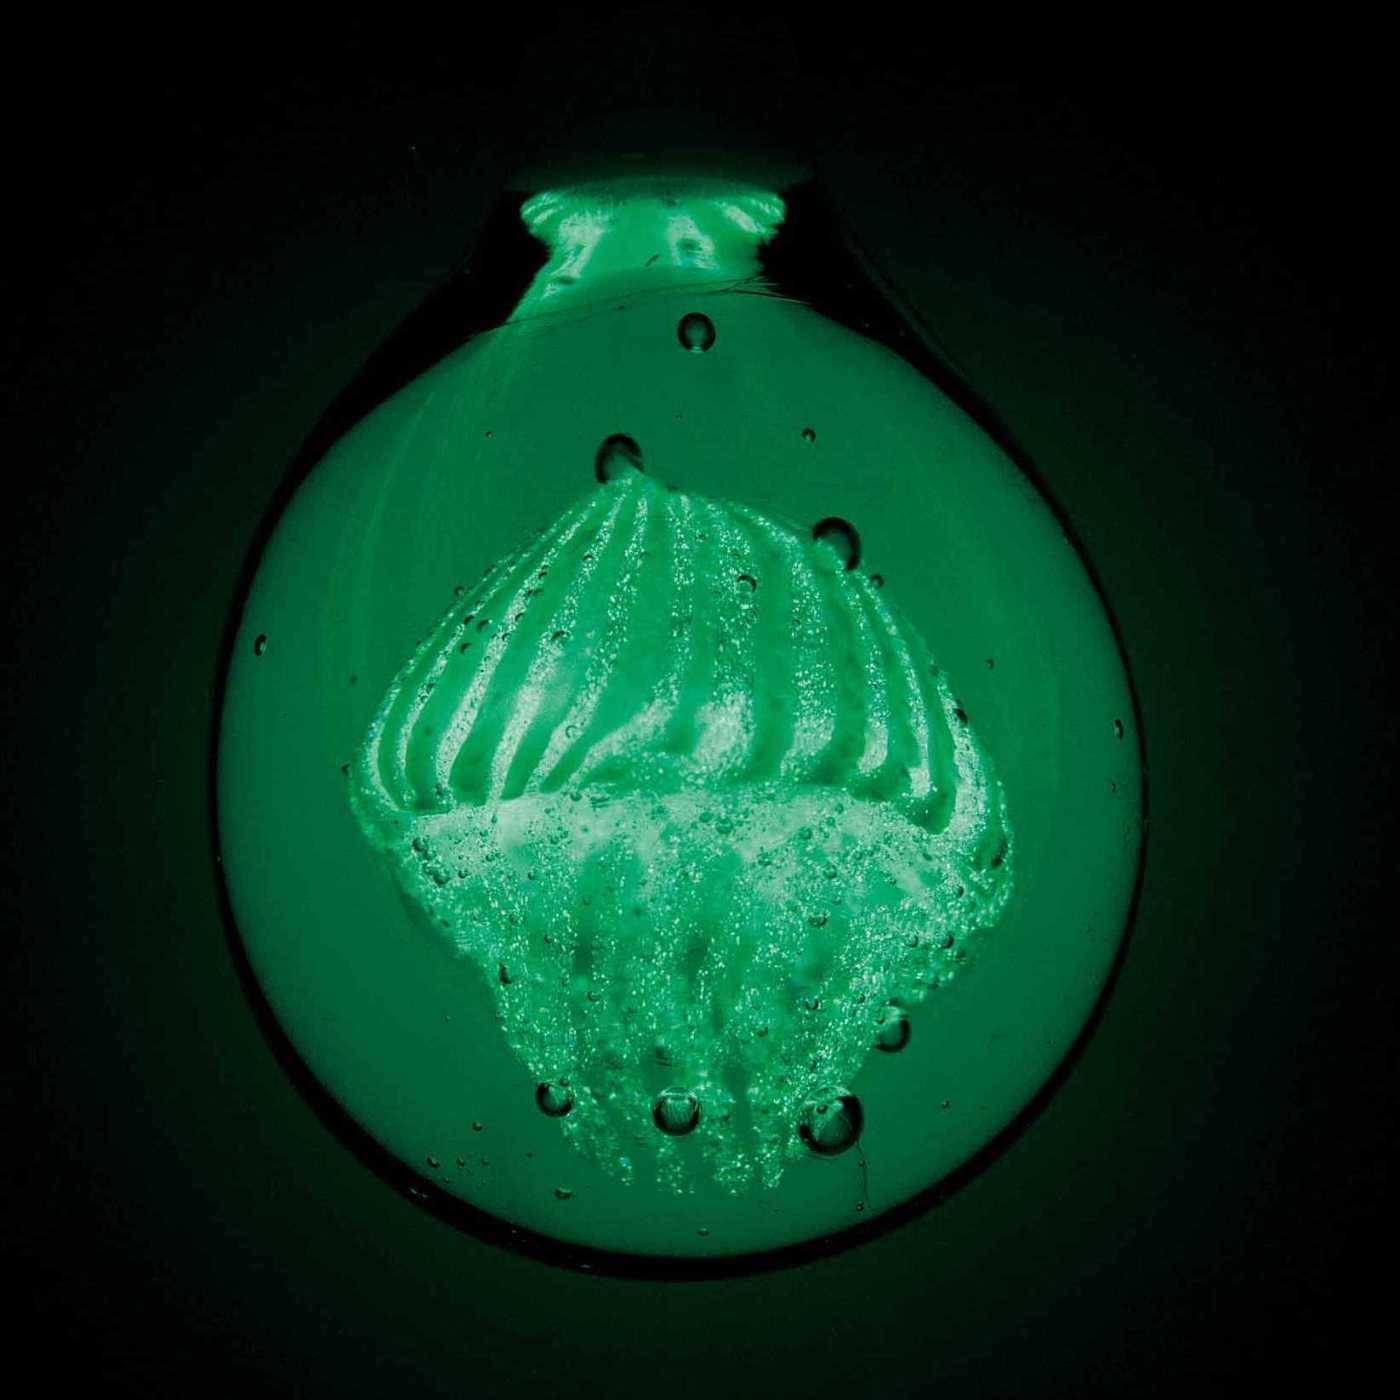 オワンクラゲは暗闇で光る蓄光ガラス!